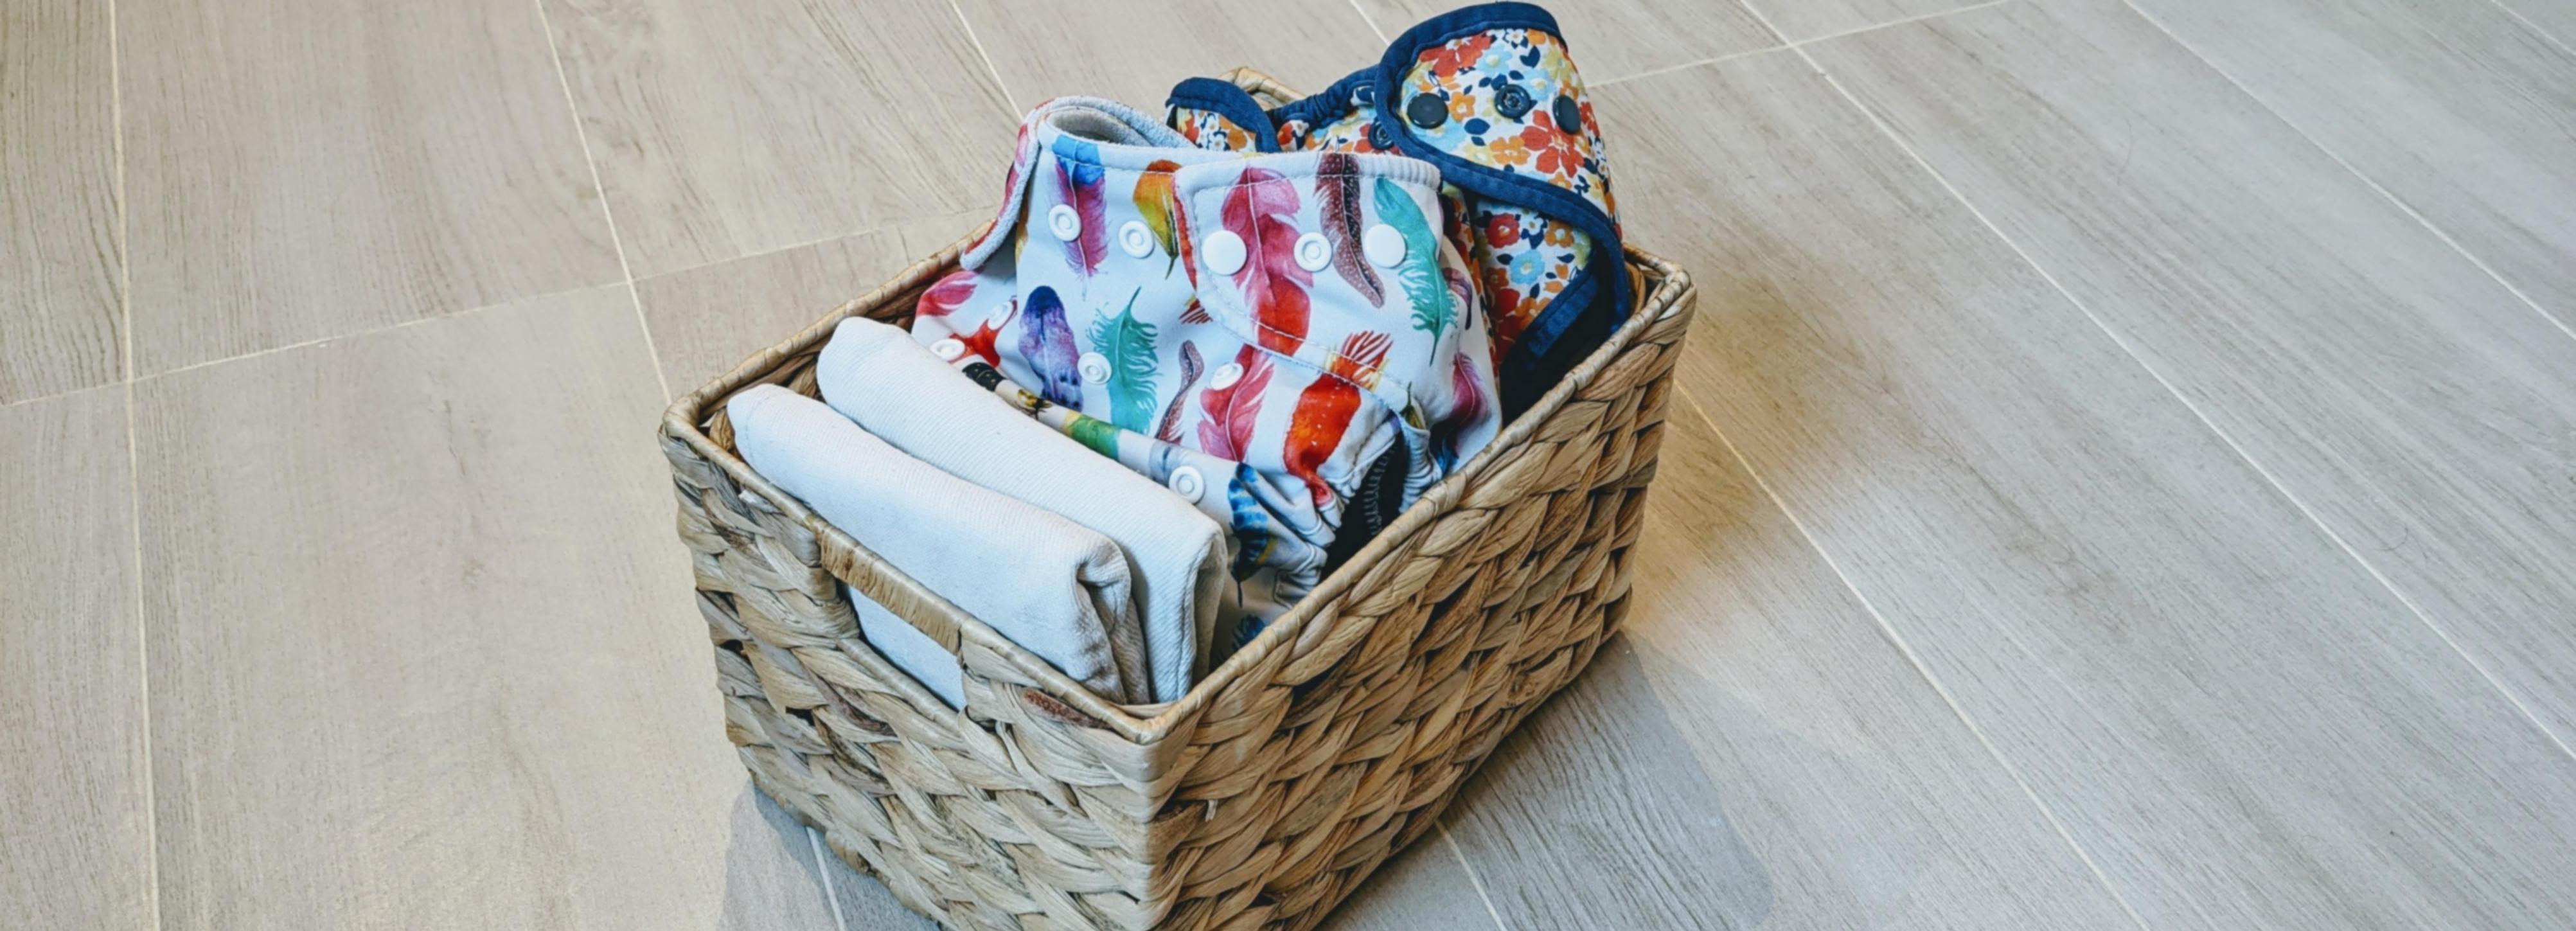 Promouvoir l'utilisation des couches lavables chez les particuliers et dans les crèches